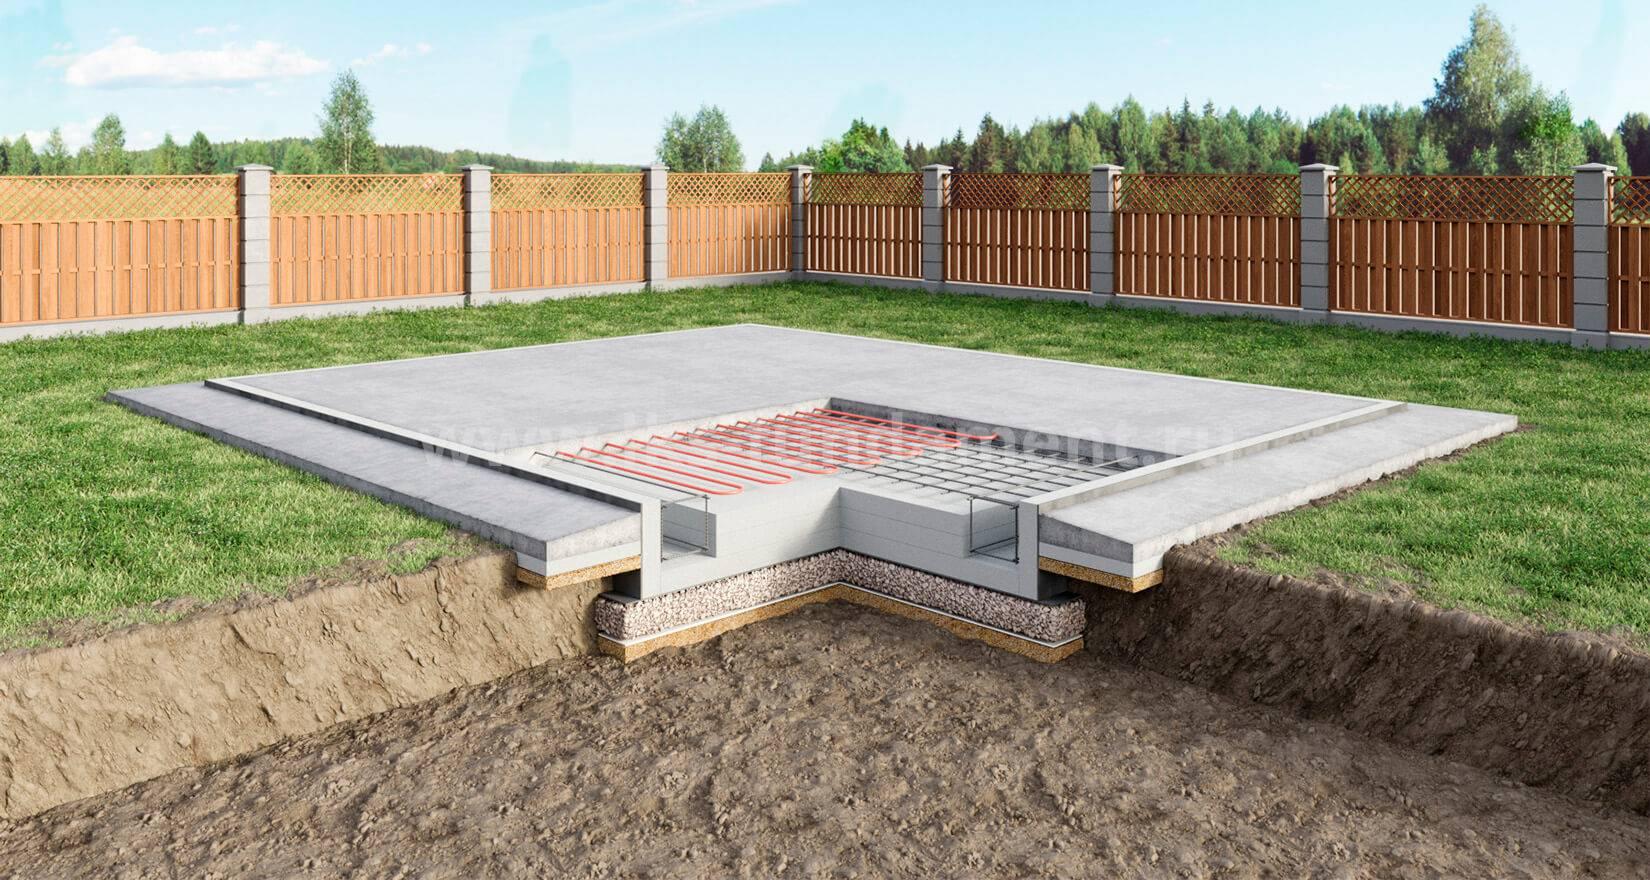 Какой фундамент лучше делать под дом плита или ленточный фундамент?